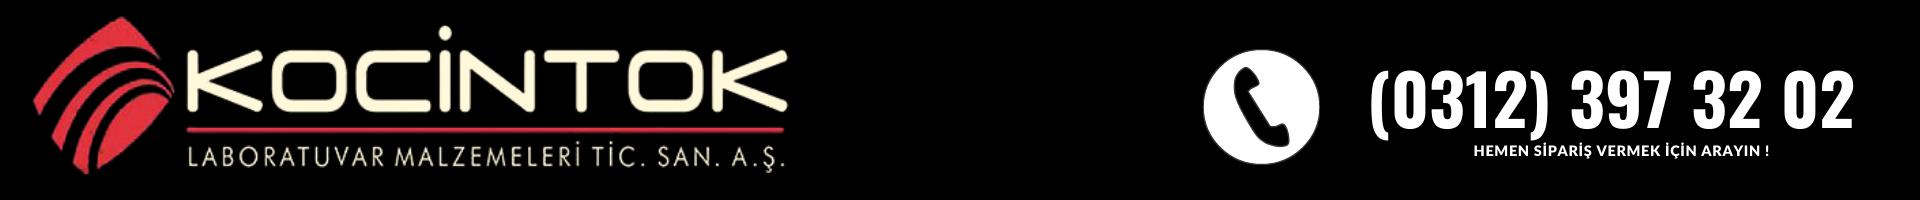 Merck Kimyasalları